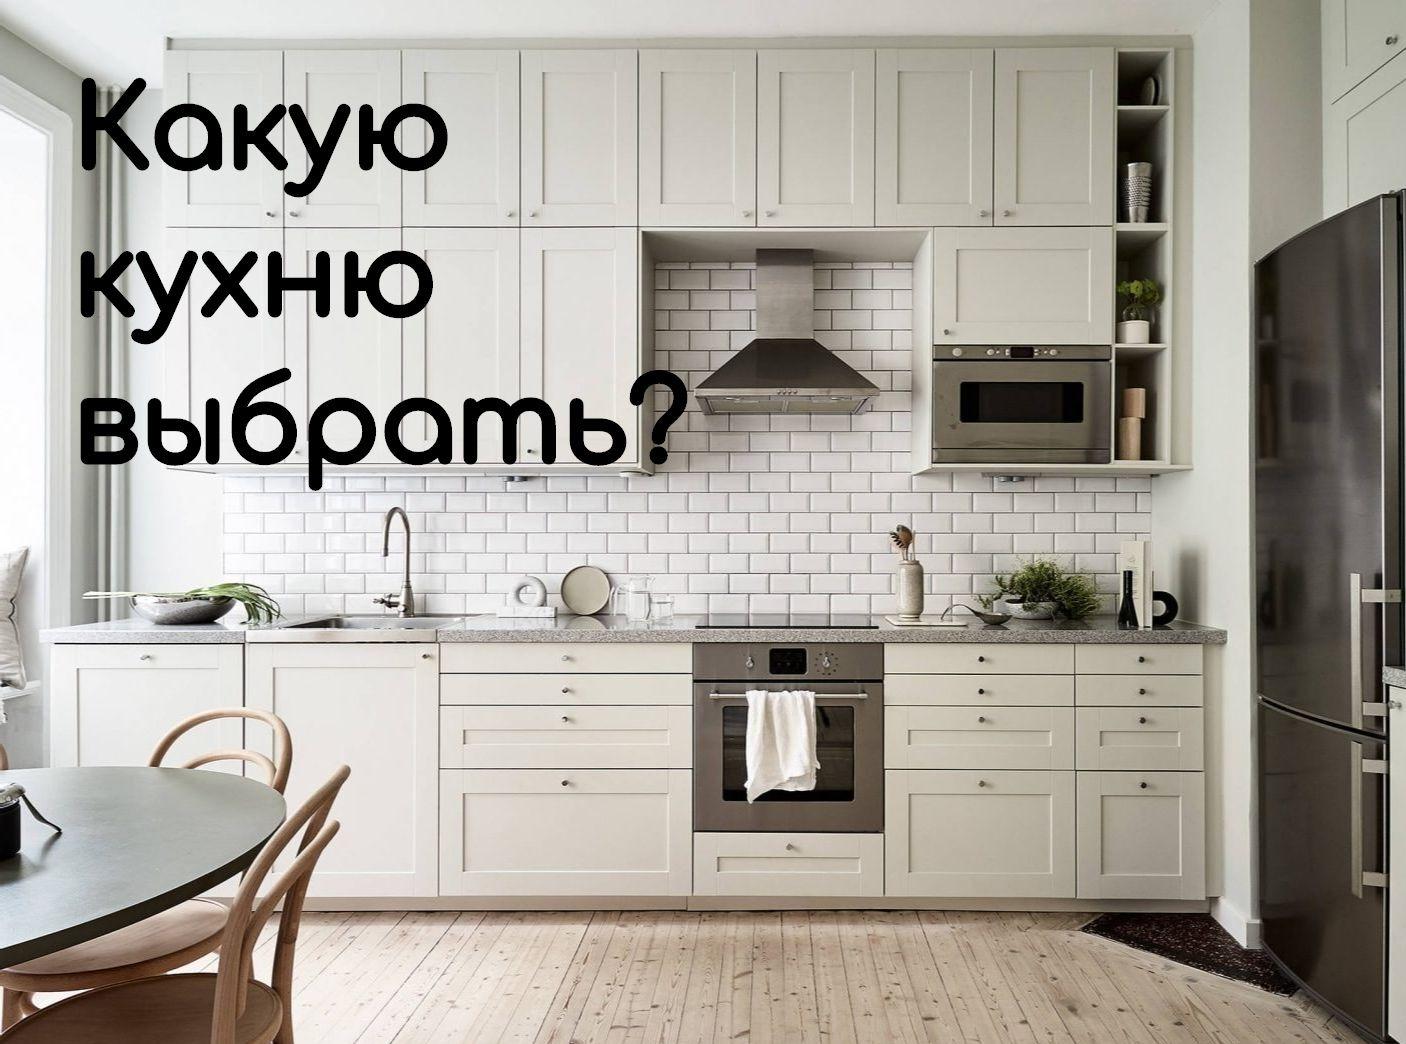 Белый кухонный гарнитур из Икеи. Паркет на полу. Круглый кухонный стол. Купить дизайнерскую кухню